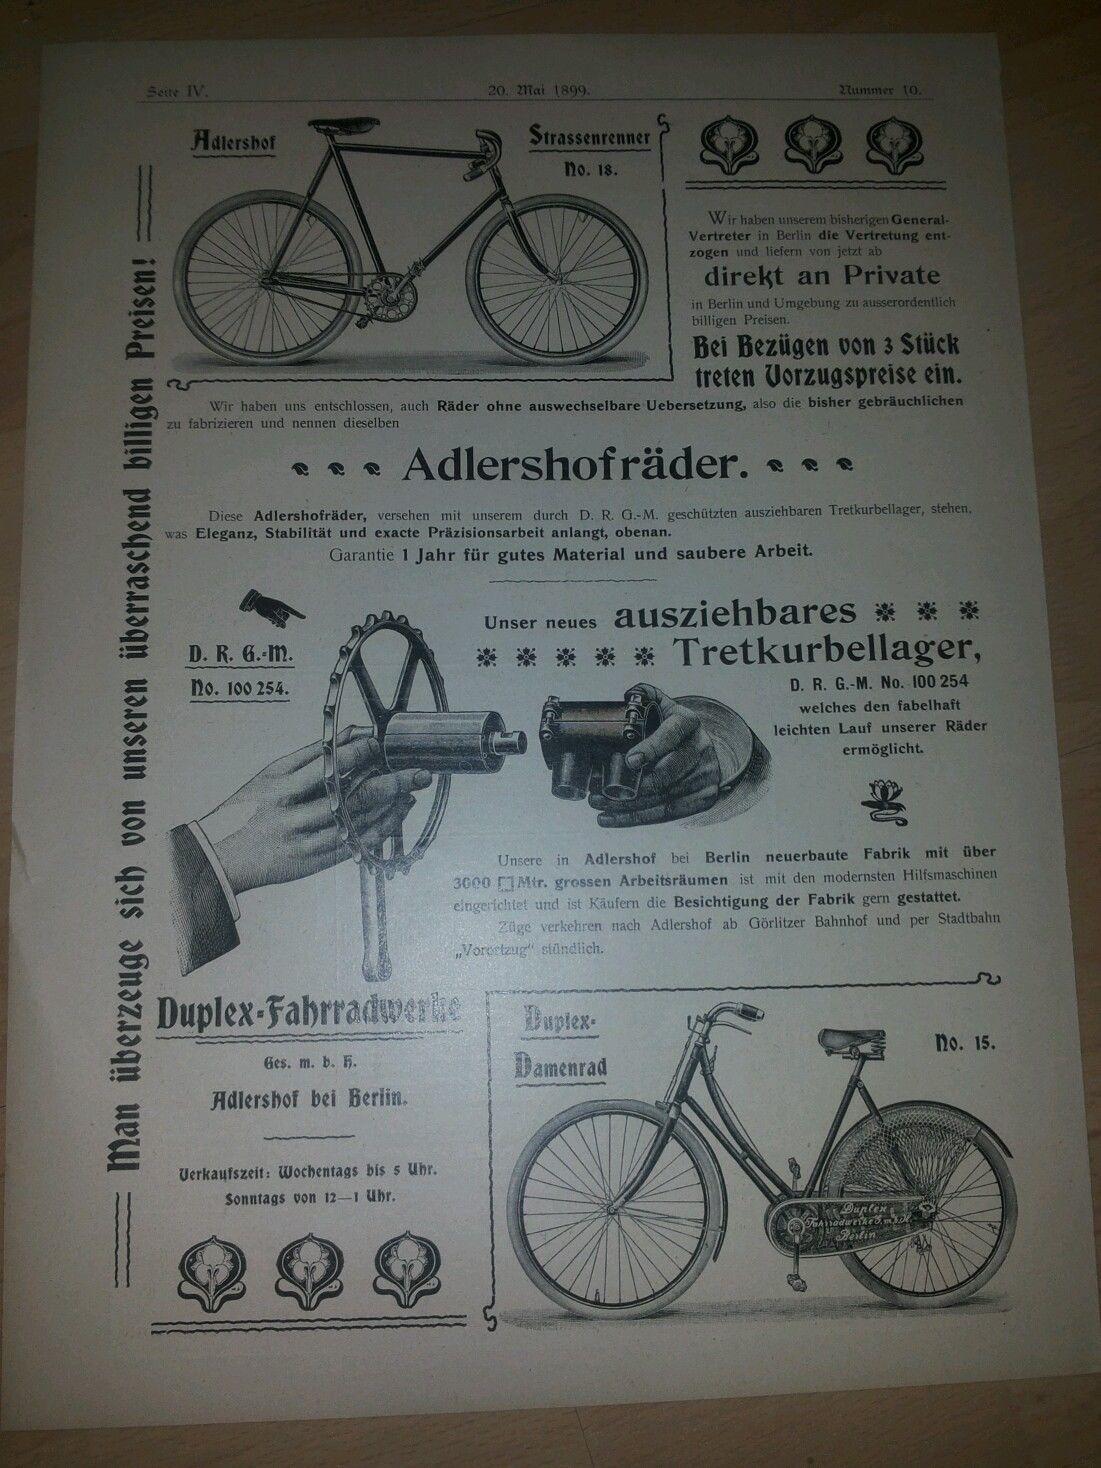 Werbung Adlershofrader Duplex Fahrradwerke Adlershof Berlin Aus